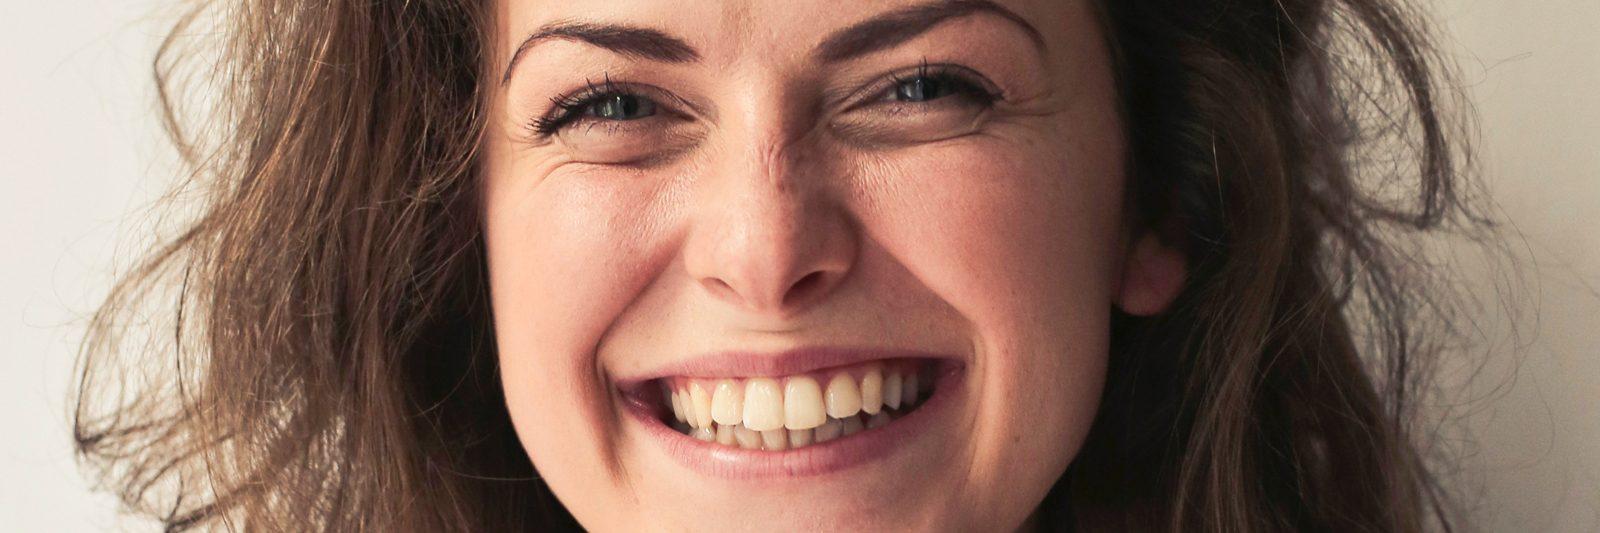 Naturlig hvide tænder er flotte tænder, og det er sådan kunstige tænder bør designes